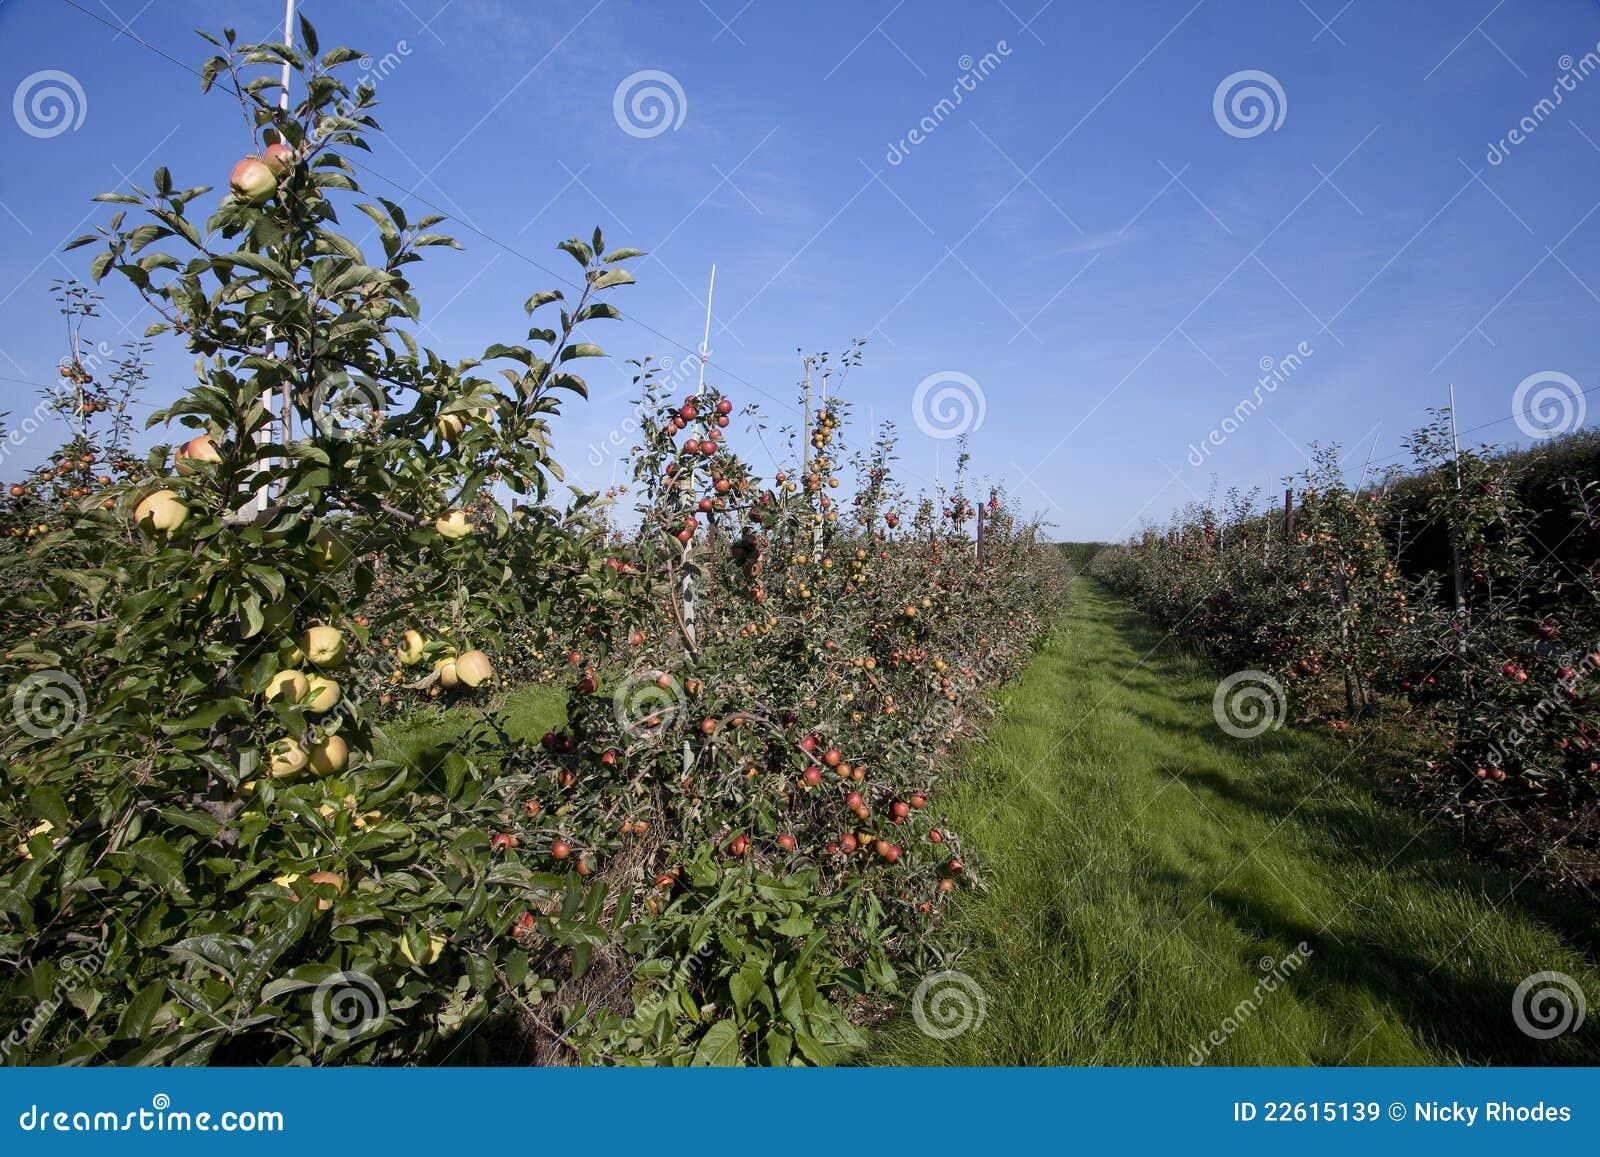 äpplefruktträdgården rows trees